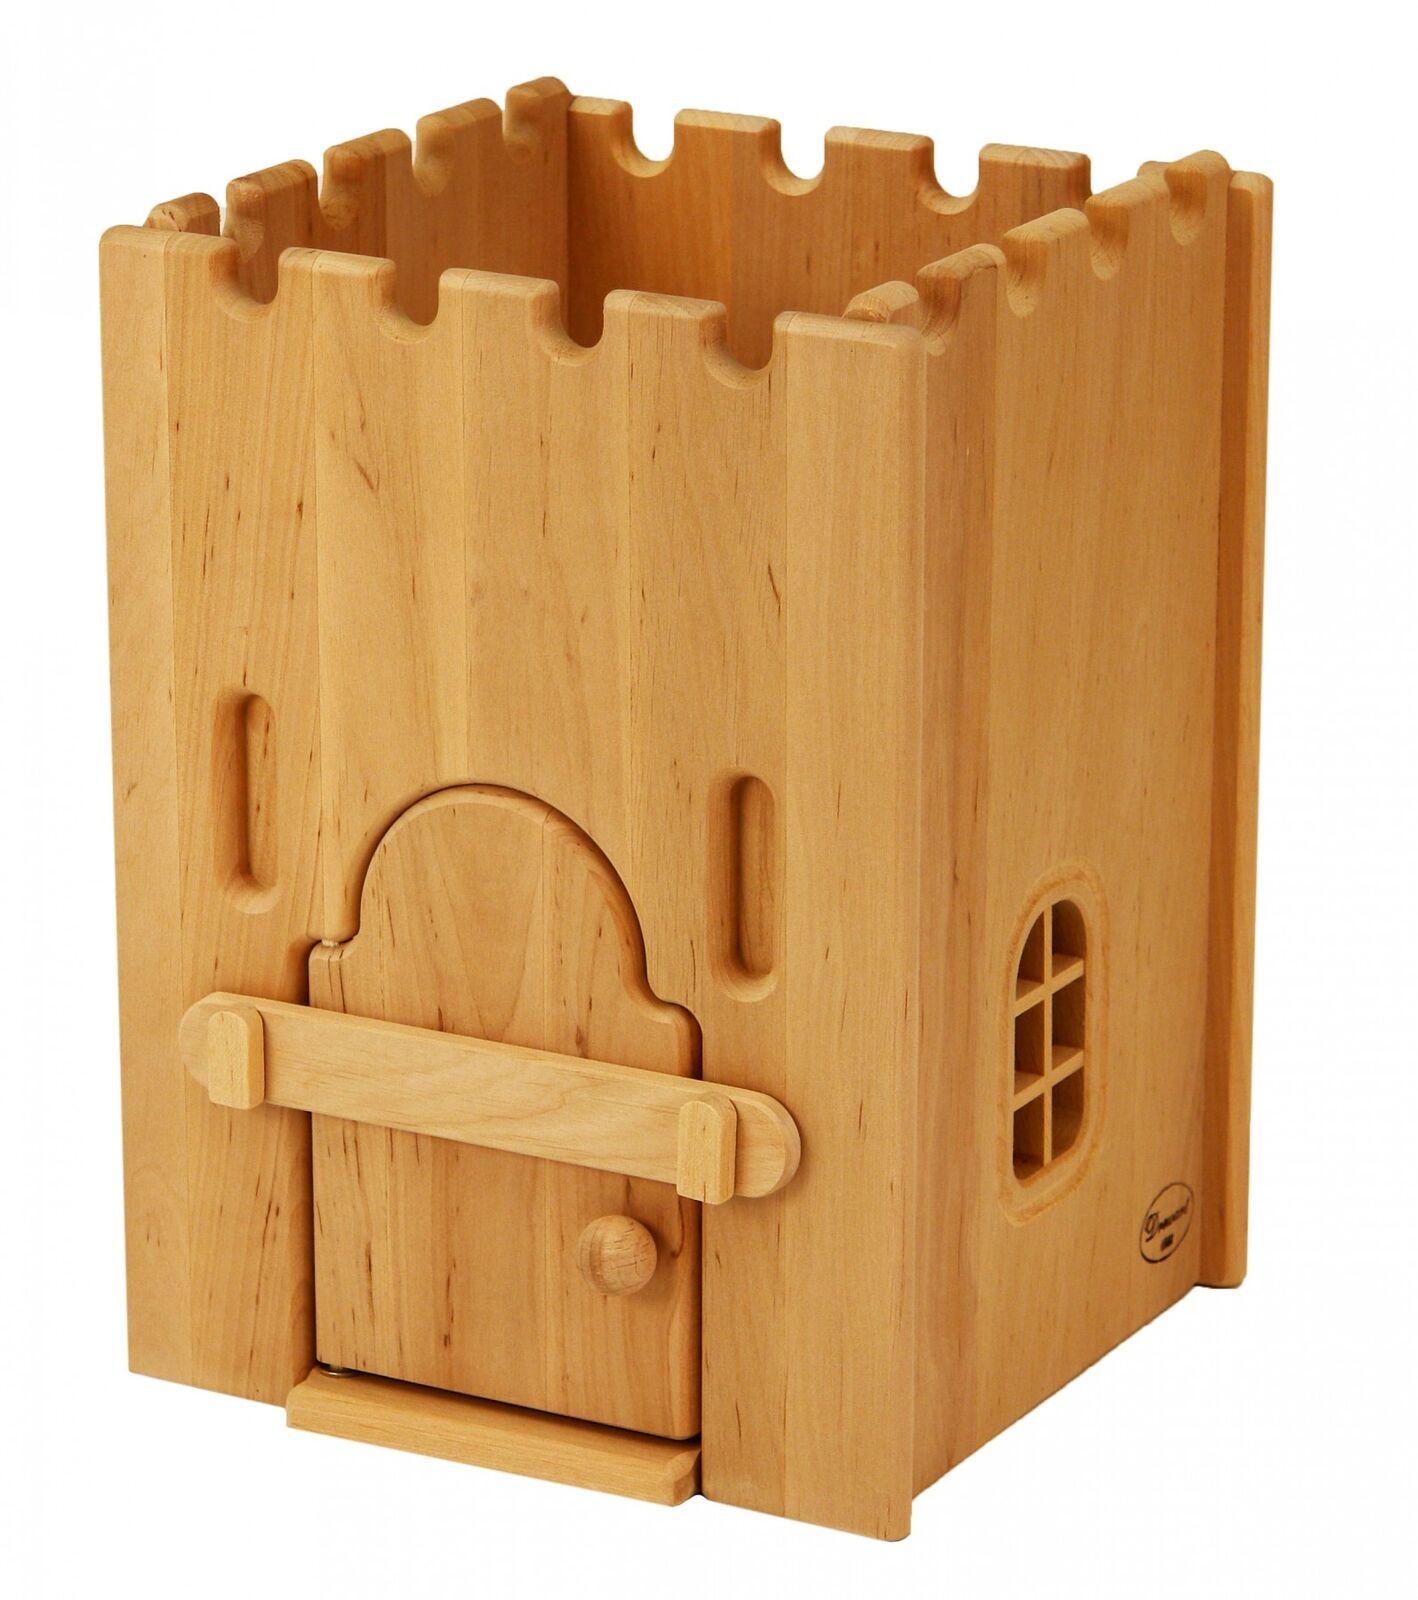 Drewart Gefängnis 932-1100 aus edlem Erlenholz für Ritterburg aus Holz 932-1100 Gefängnis 4f05ee